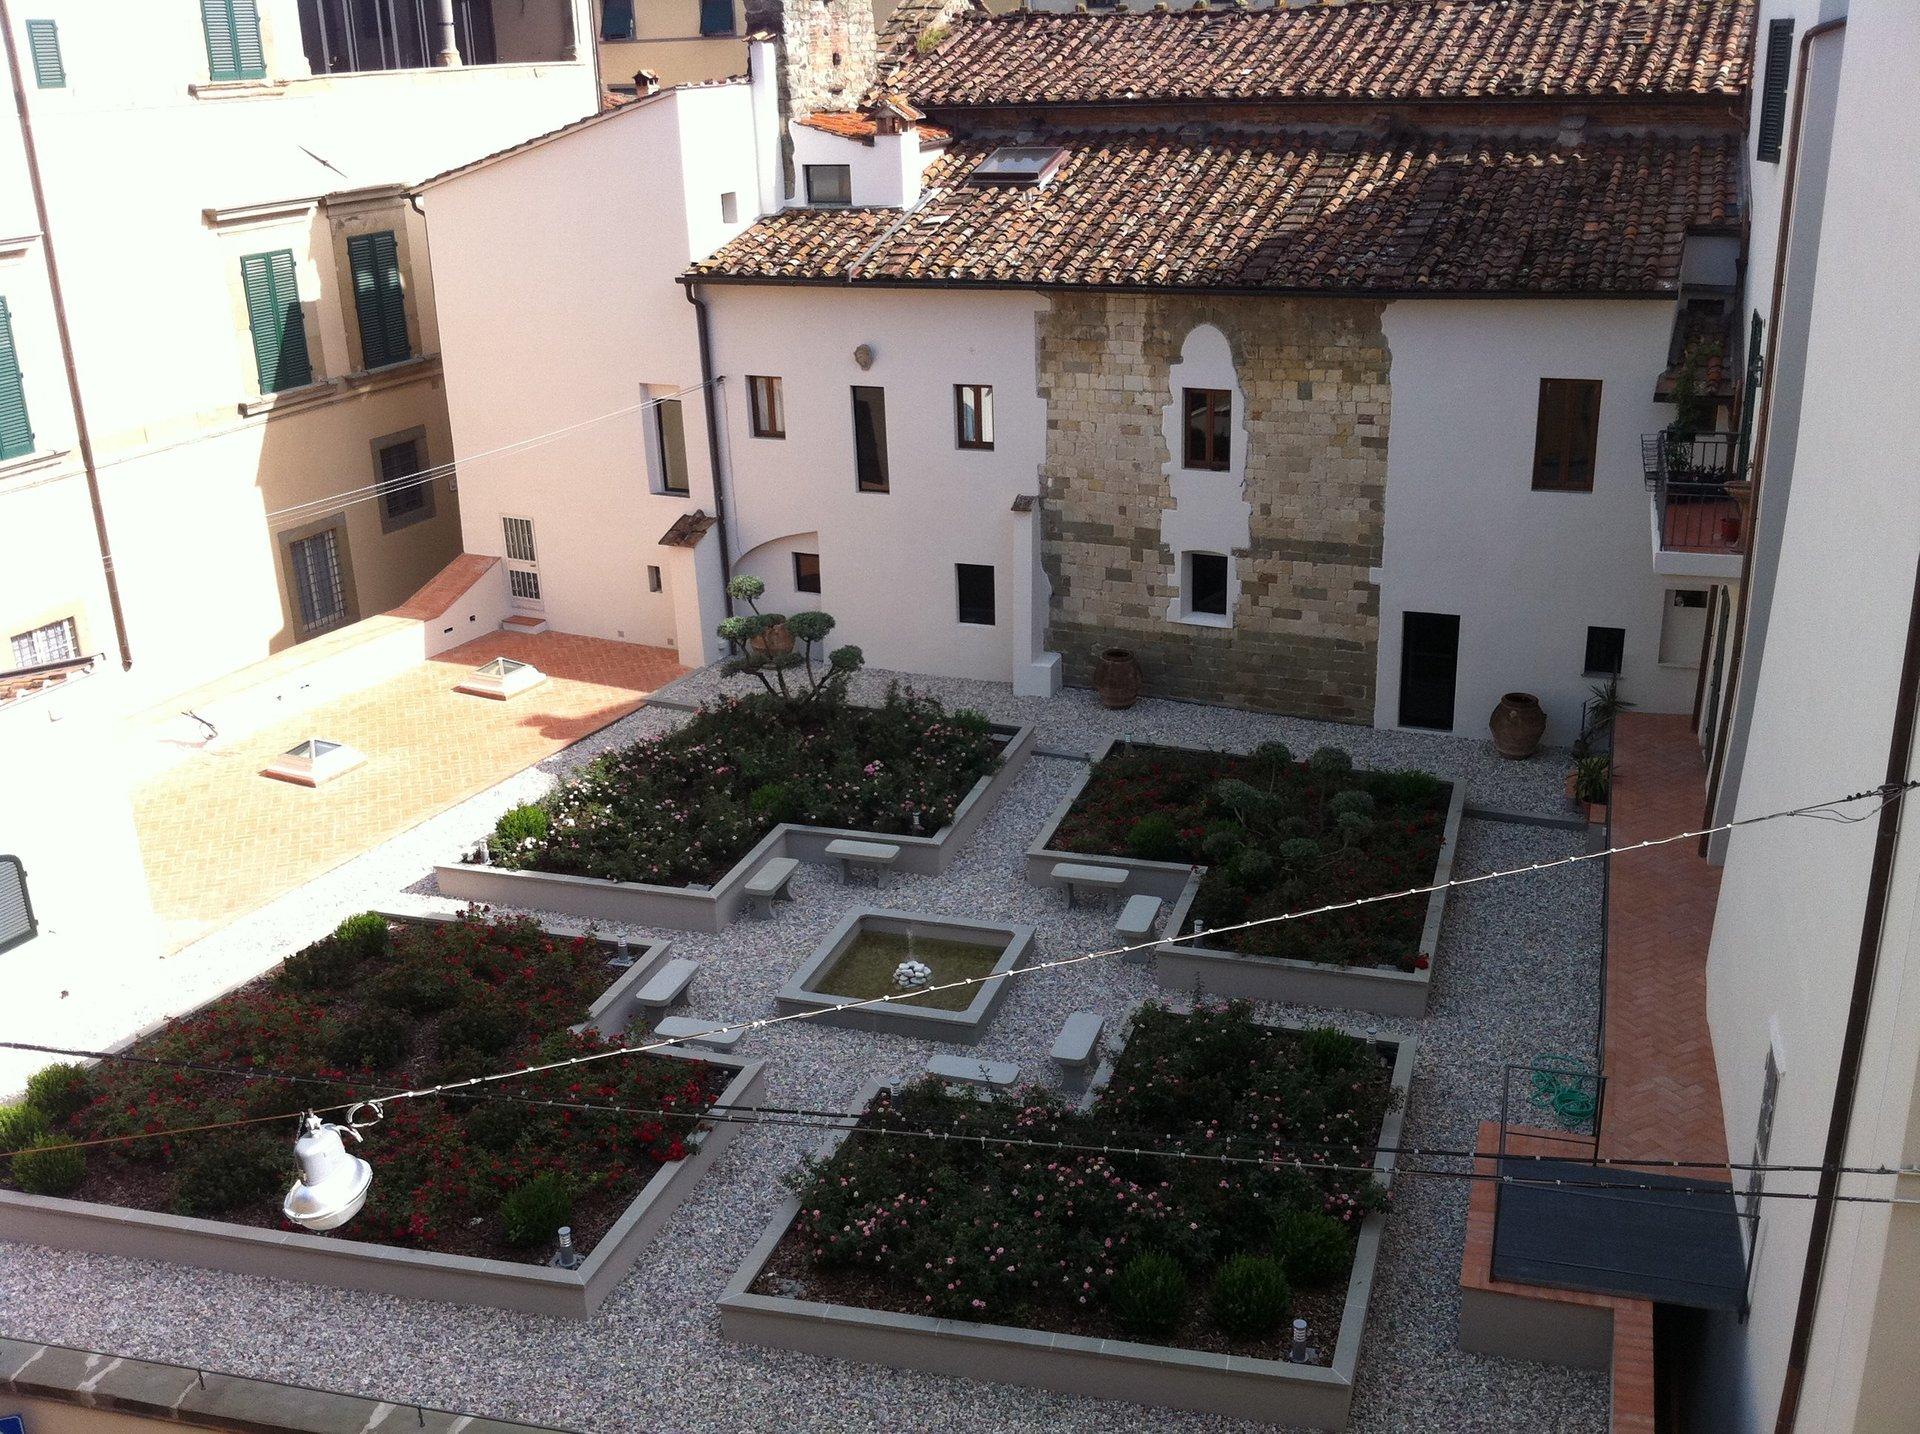 vista delle ville e una piazza con delle aiuole con delle piante e delle panchine